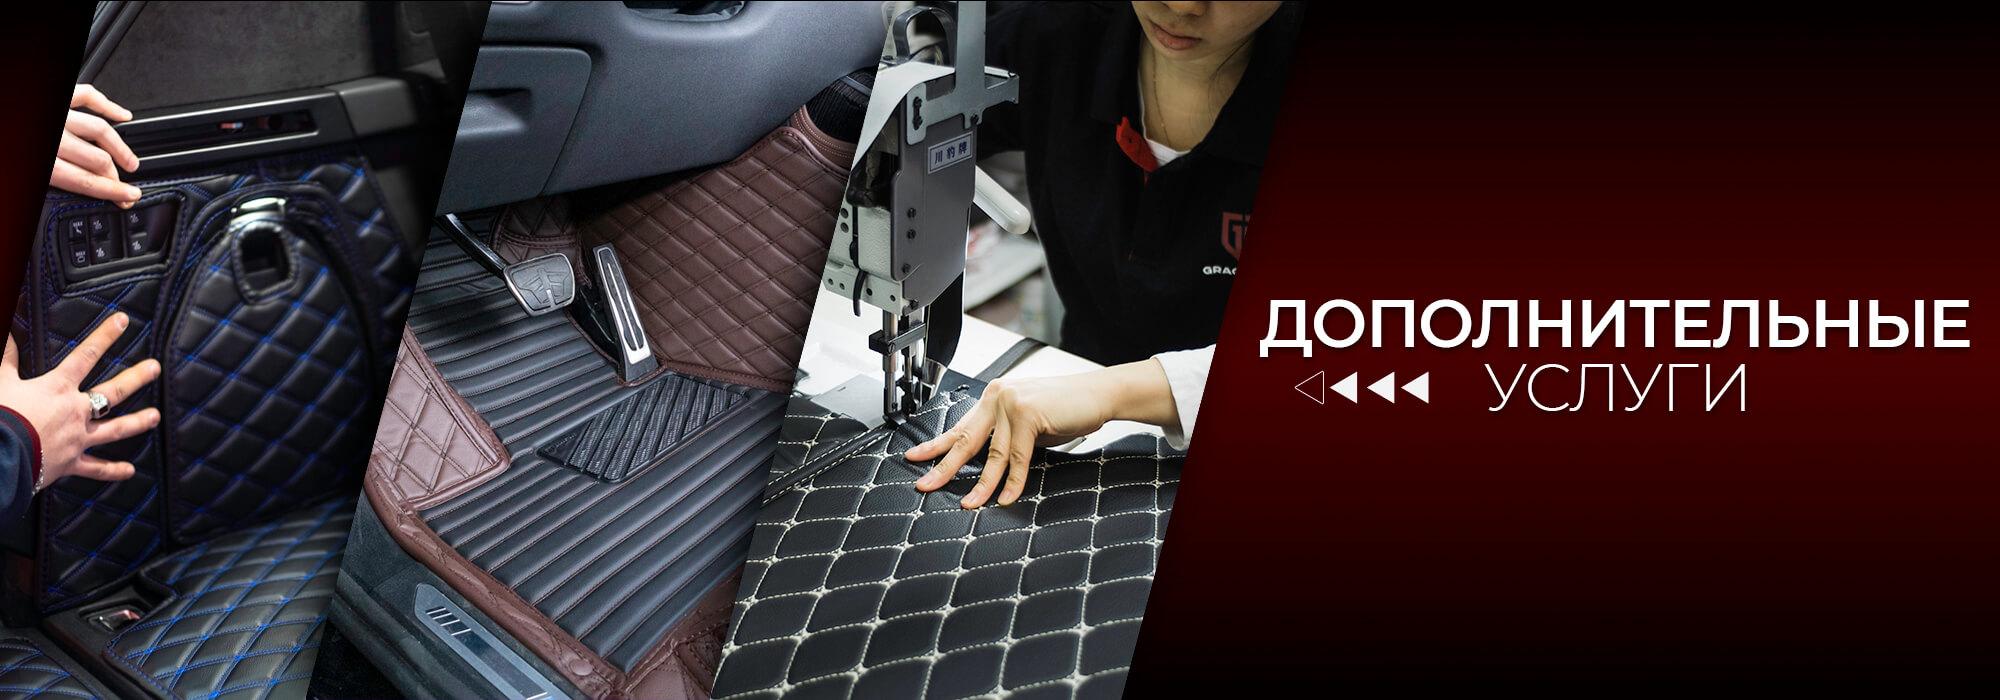 Дополнительные услуги - установка ковриков из экокожи, срочный пошив, значок с логотипом